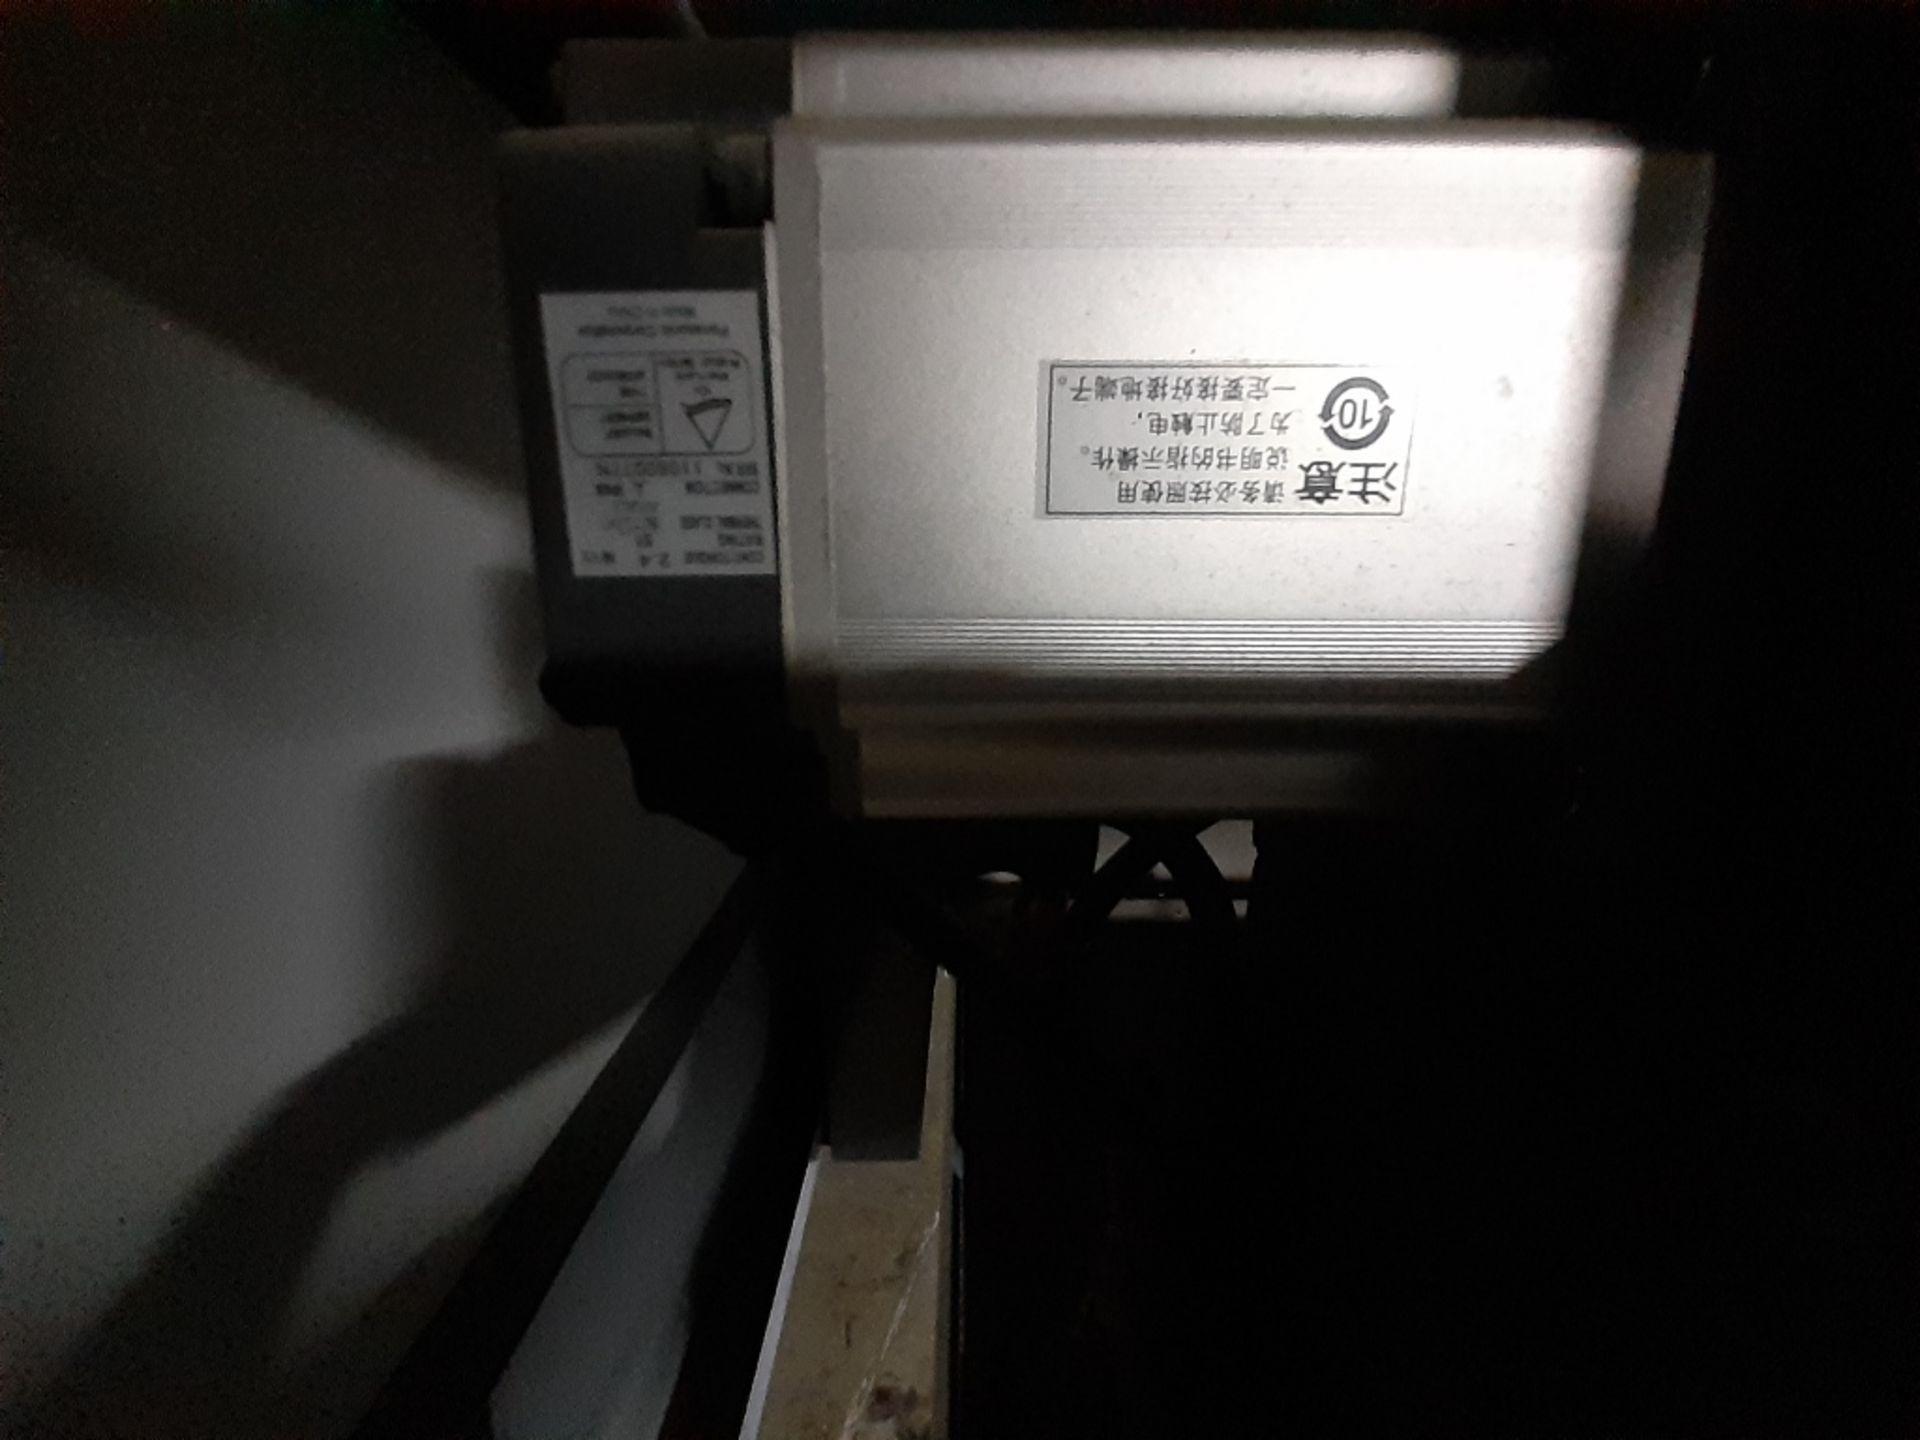 Lot 195 - Máquina de coser industrial computarizada de alto rendimiento marca Orisol, Modelo: OS-305